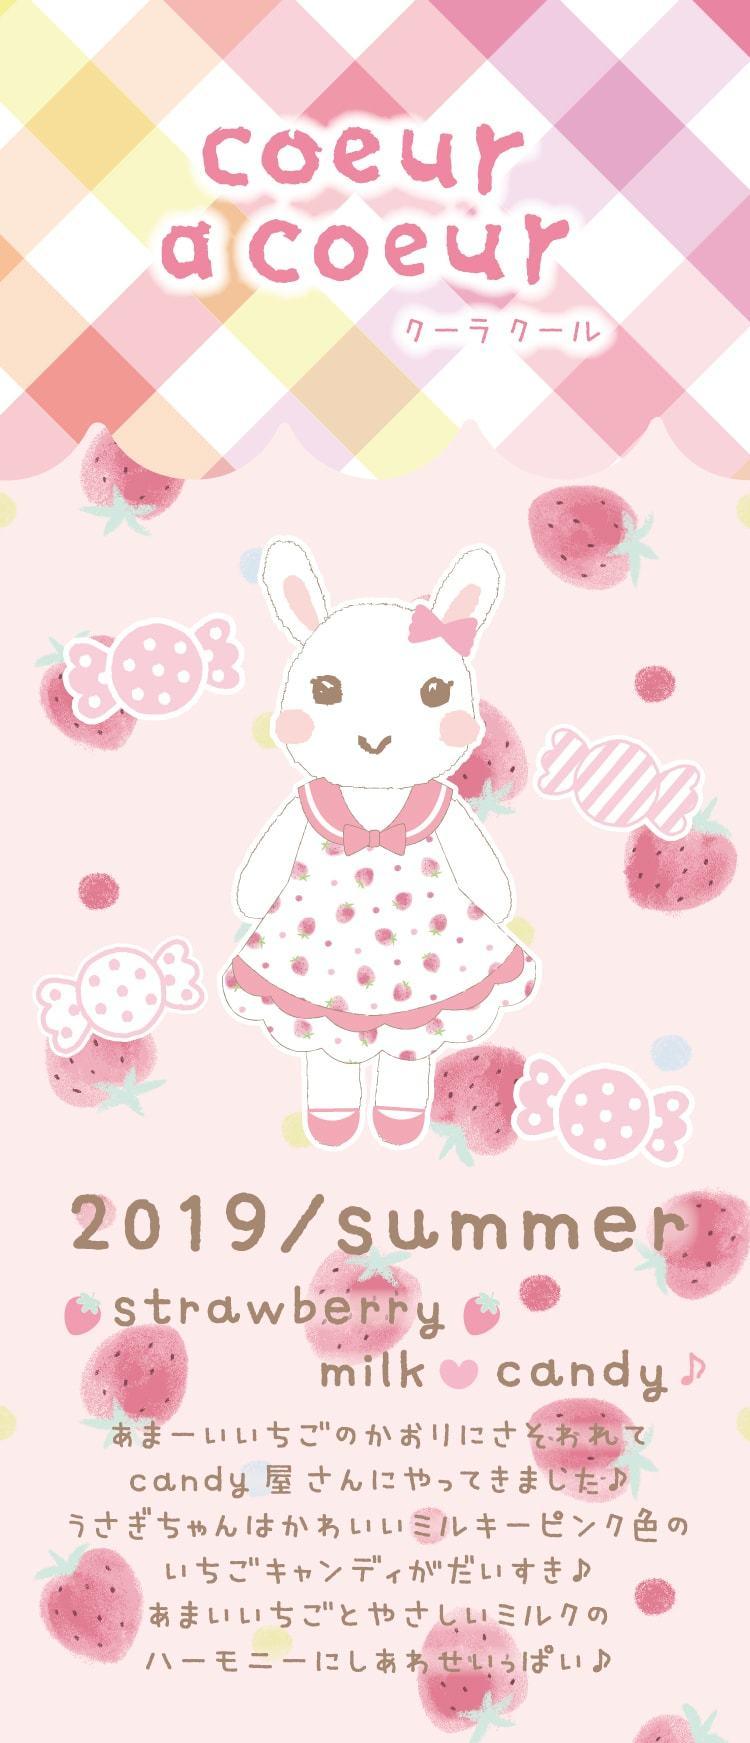 クーラクール 2019年初夏のカタログ。_f0108346_00073473.jpg